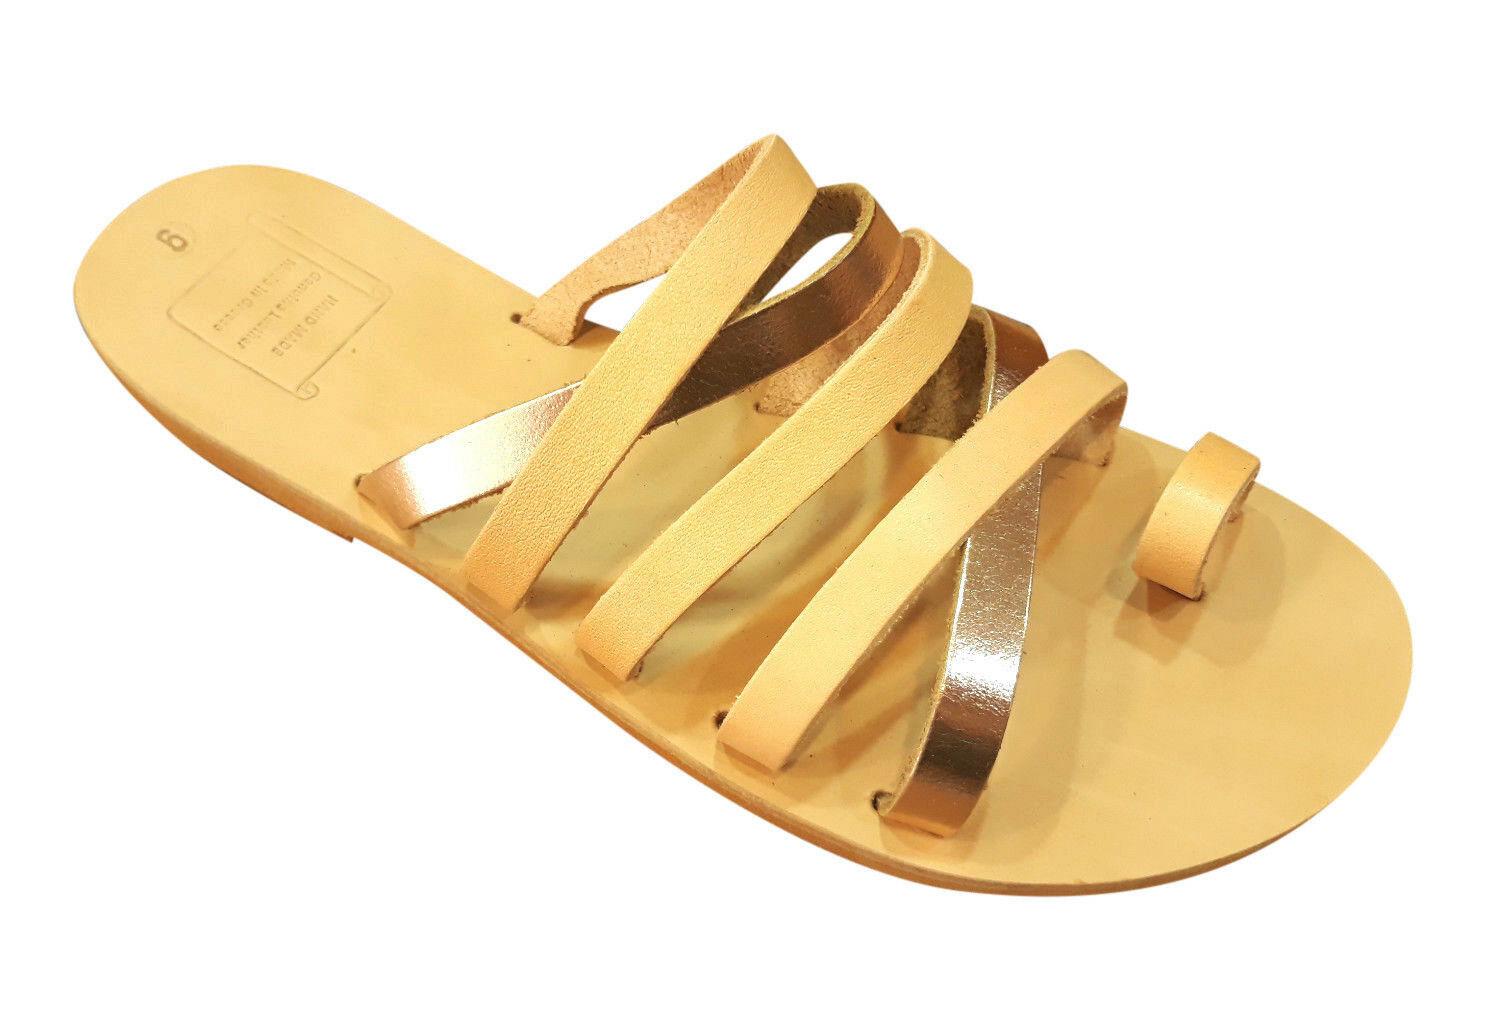 Sandalias de Mujer Gladiador Romano Romano Romano Antiguo Griego Hecho a Mano Cuero Genuino Zapatos Talla  autorización